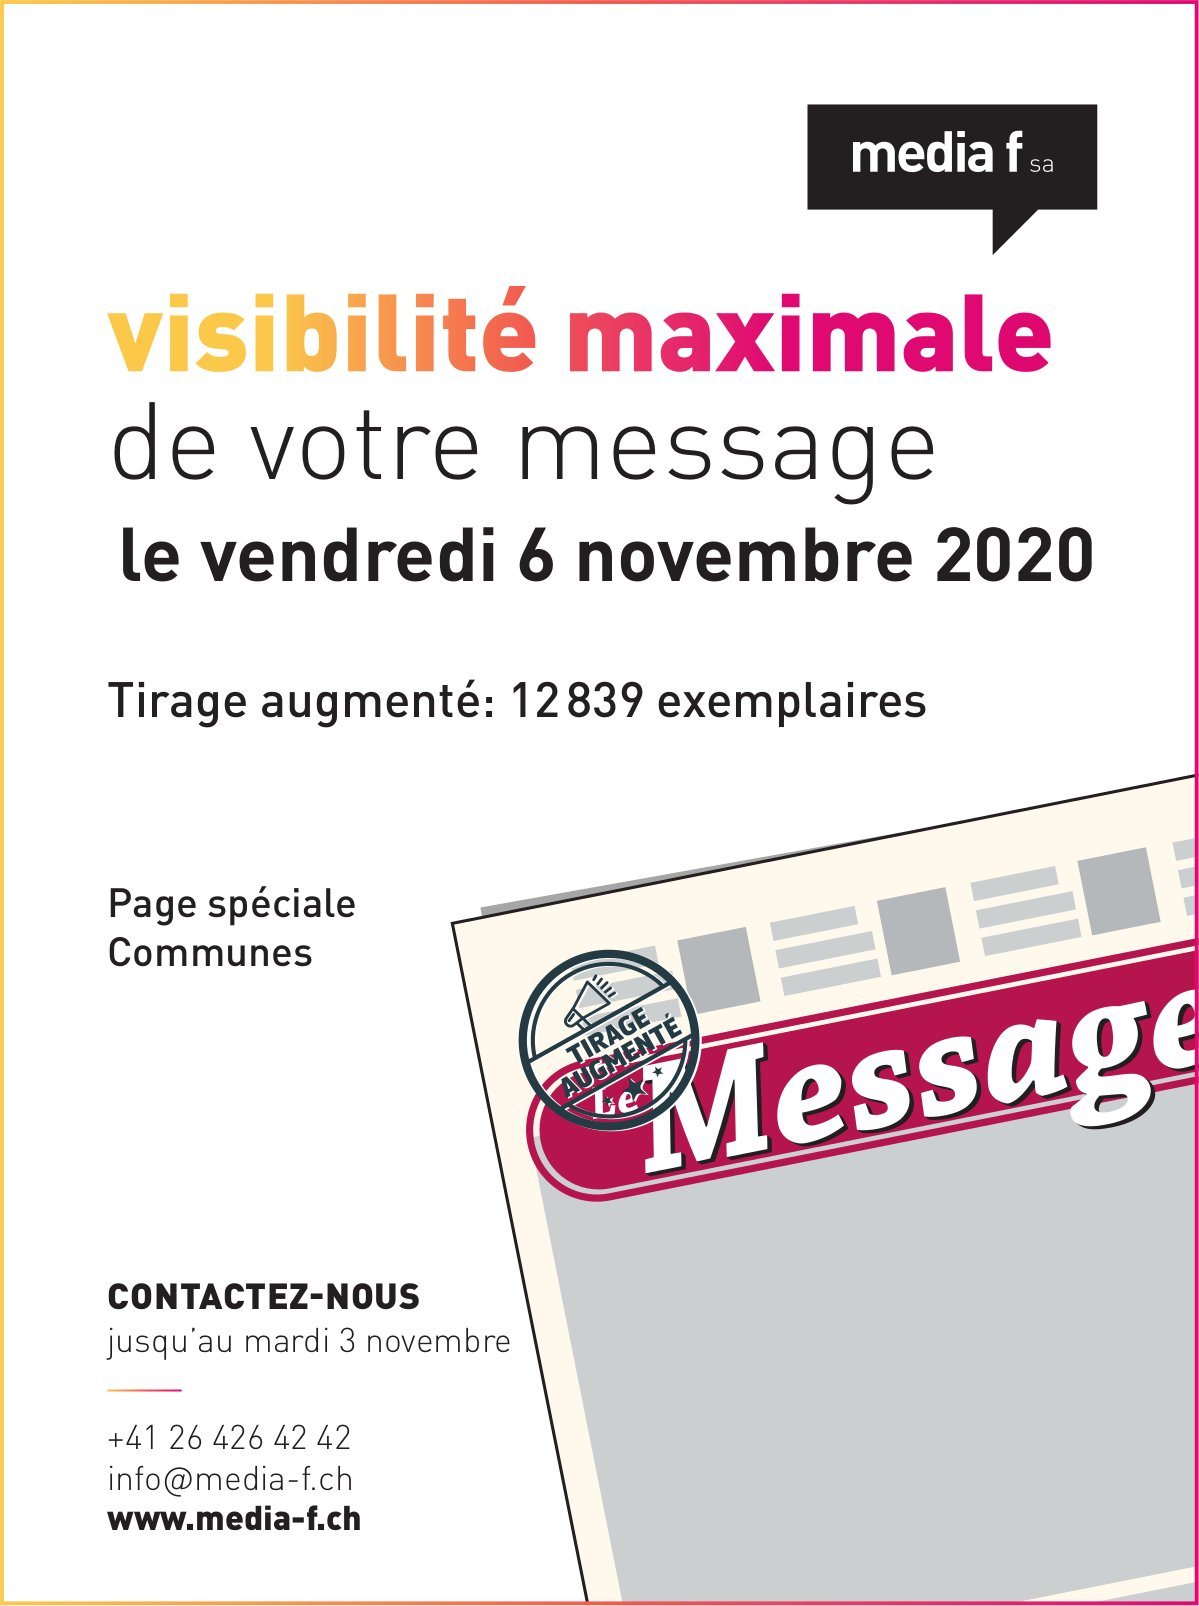 Media f SA - visibilité maximale de votre message le vendredi 6 novembre tirage augmenté